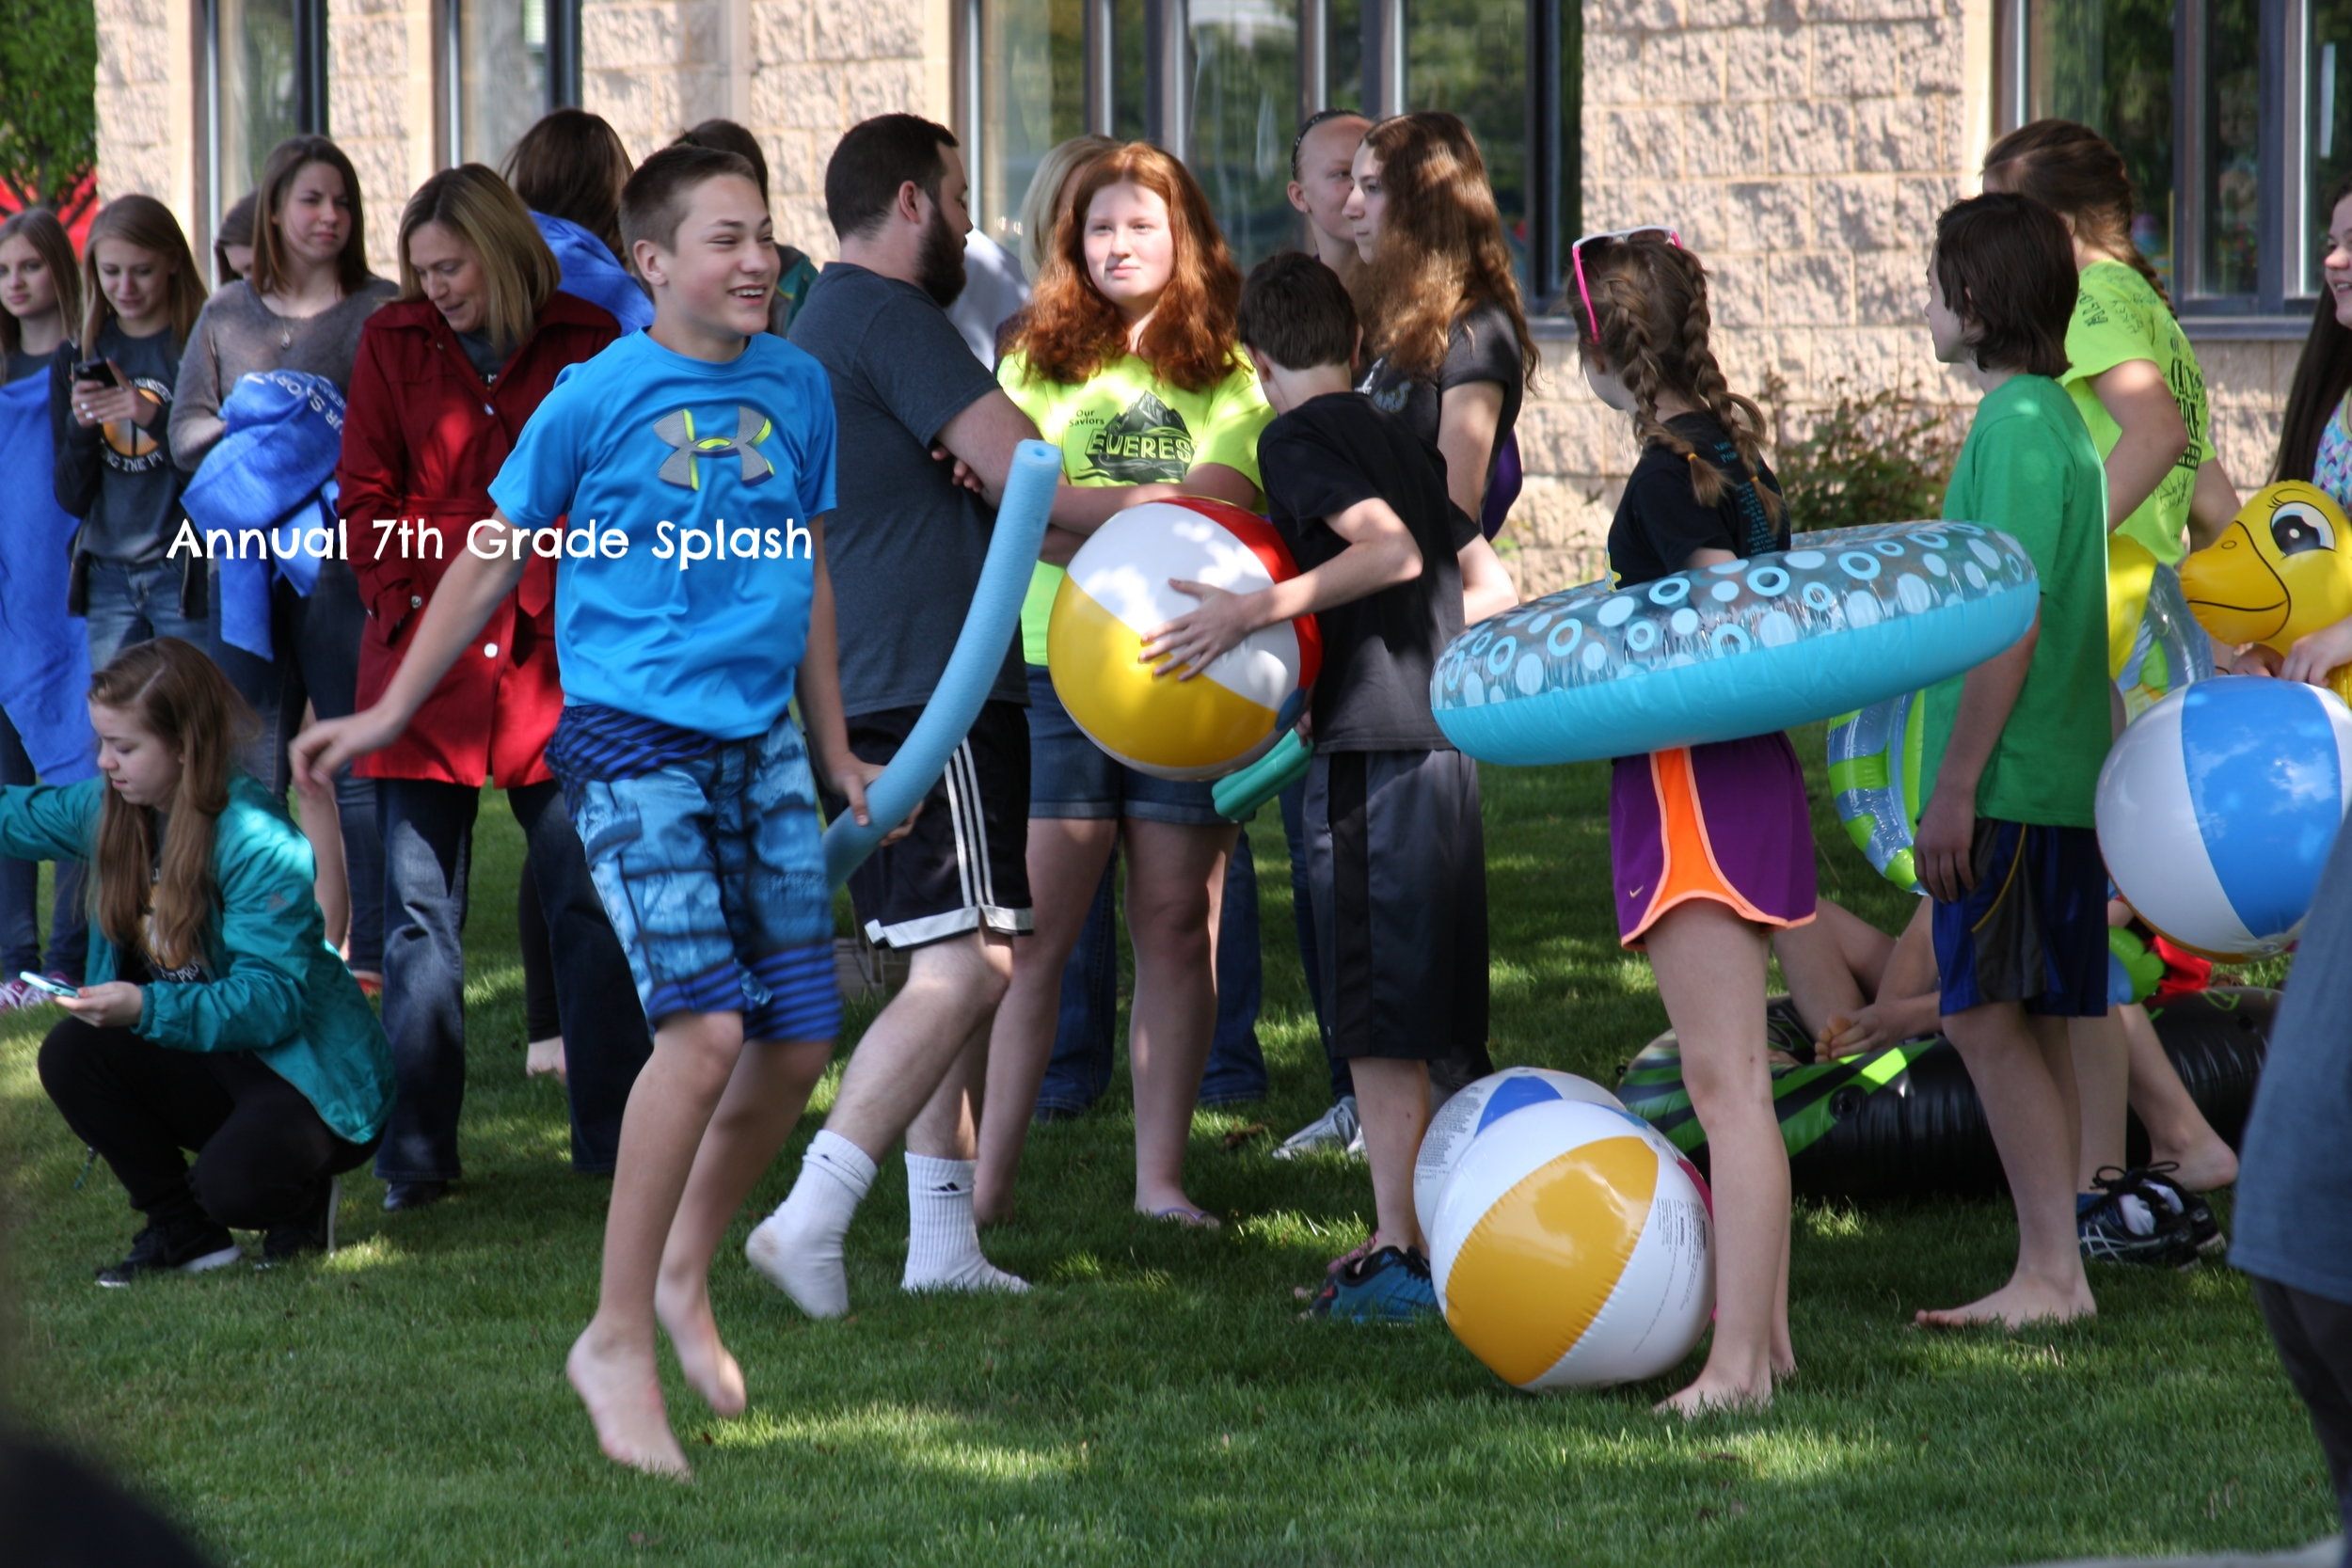 7th grade splash.JPG